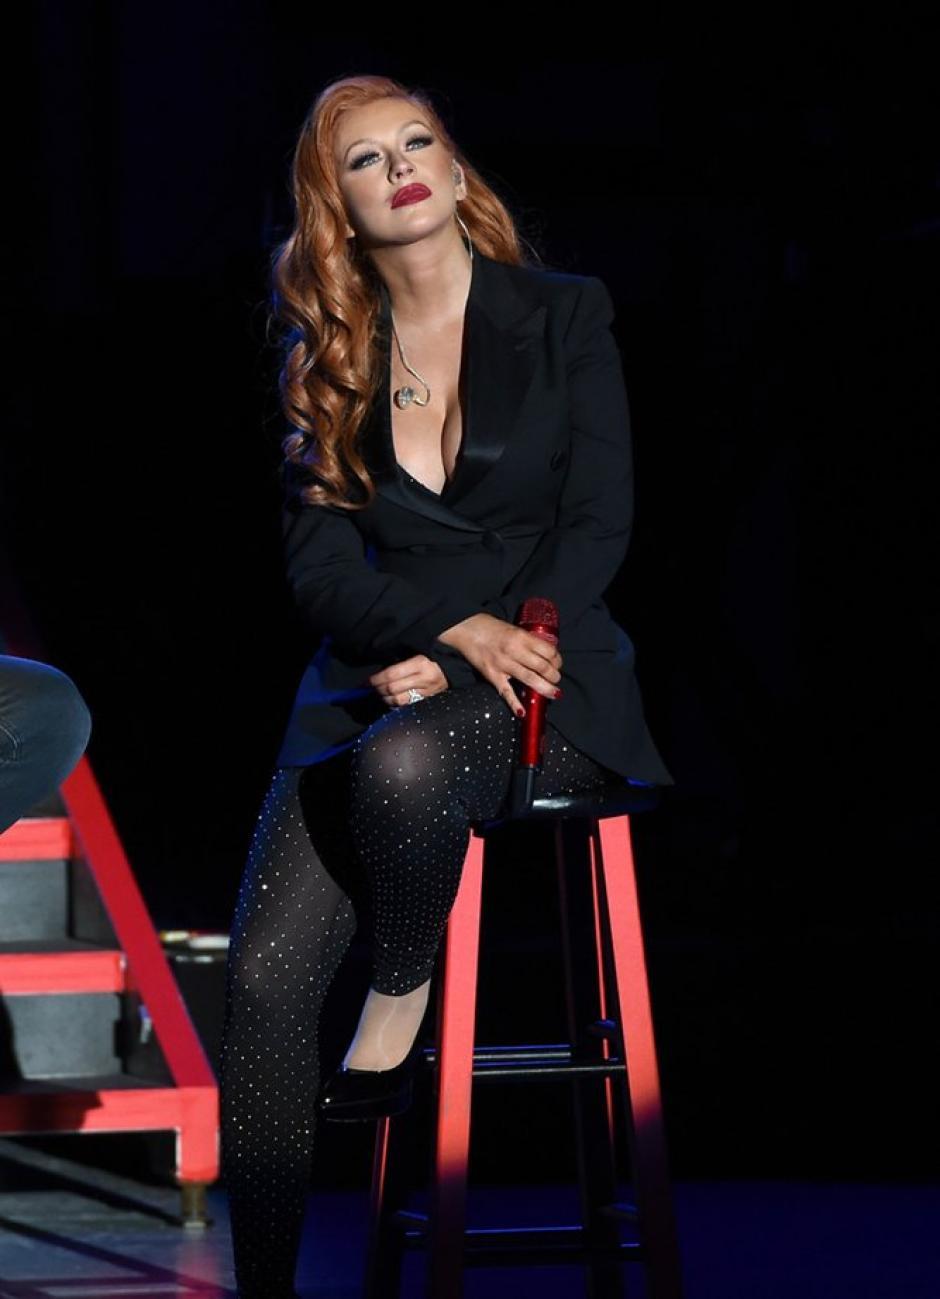 La cantante estrenó imagen en un evento político. (Foto: Xtina Argentina)